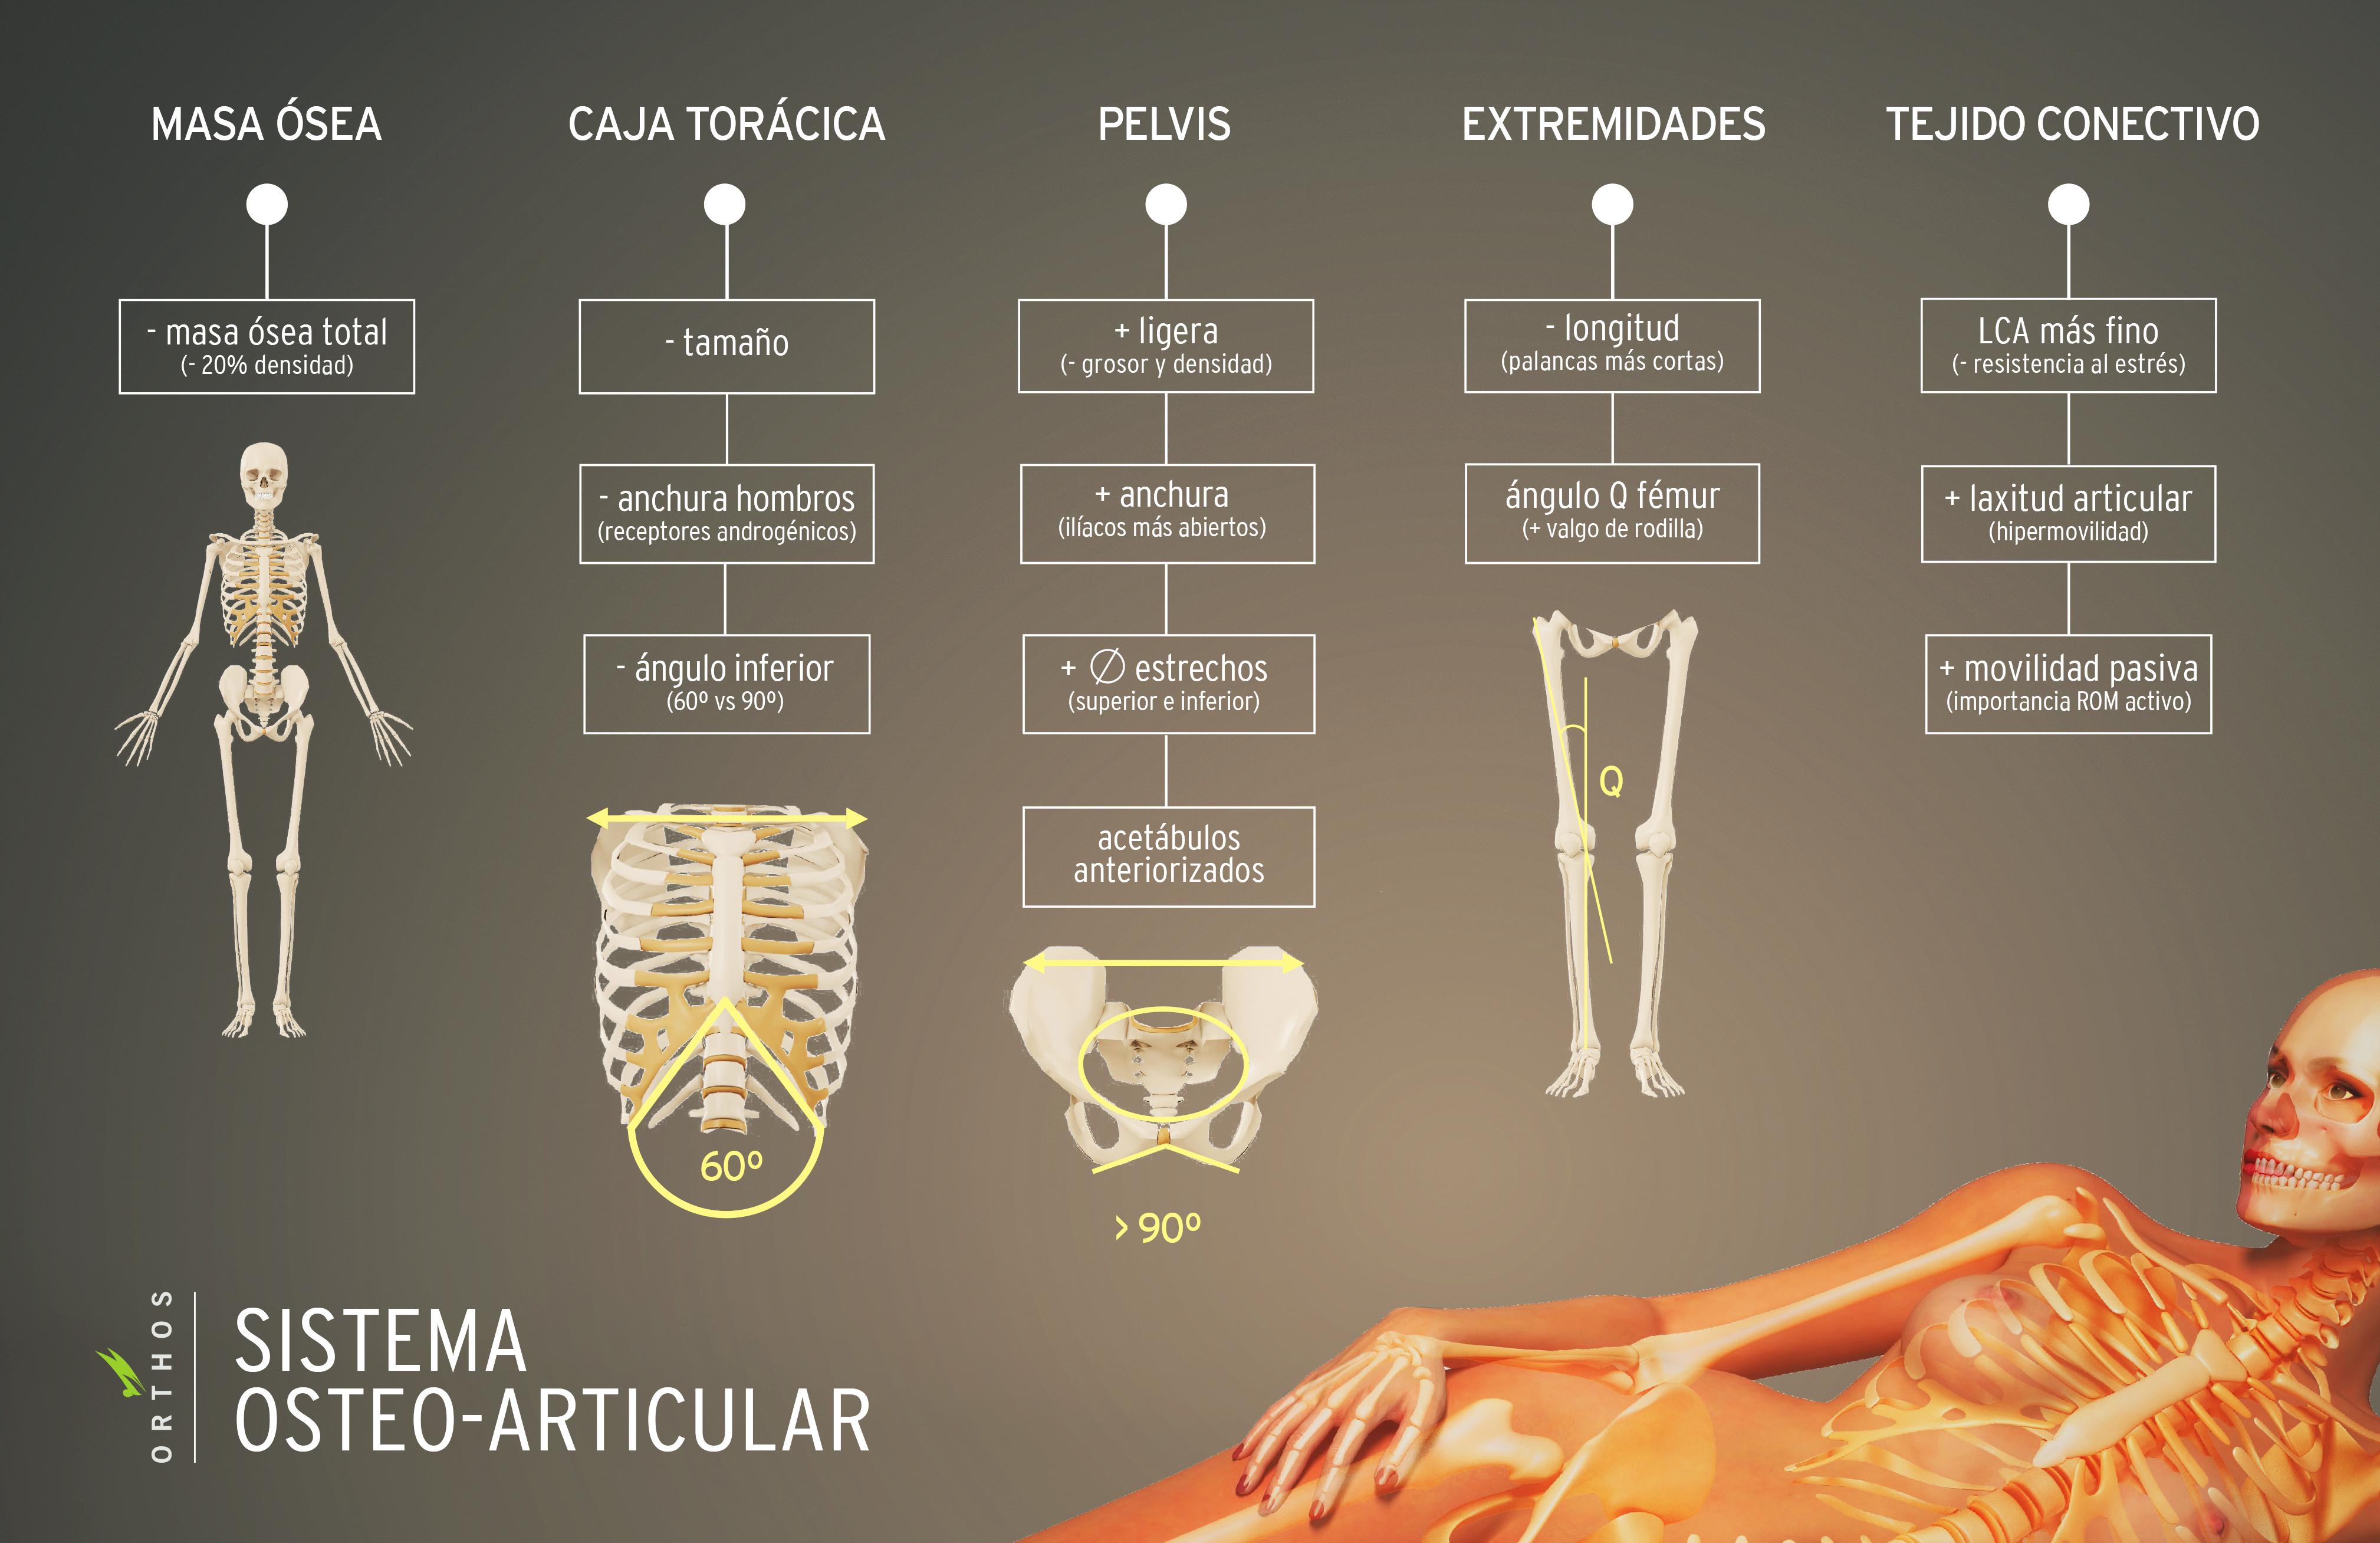 Enseñanza Orthos. Escuela de formación deportiva. Diferencias en el esqueleto de la mujer y el hombre